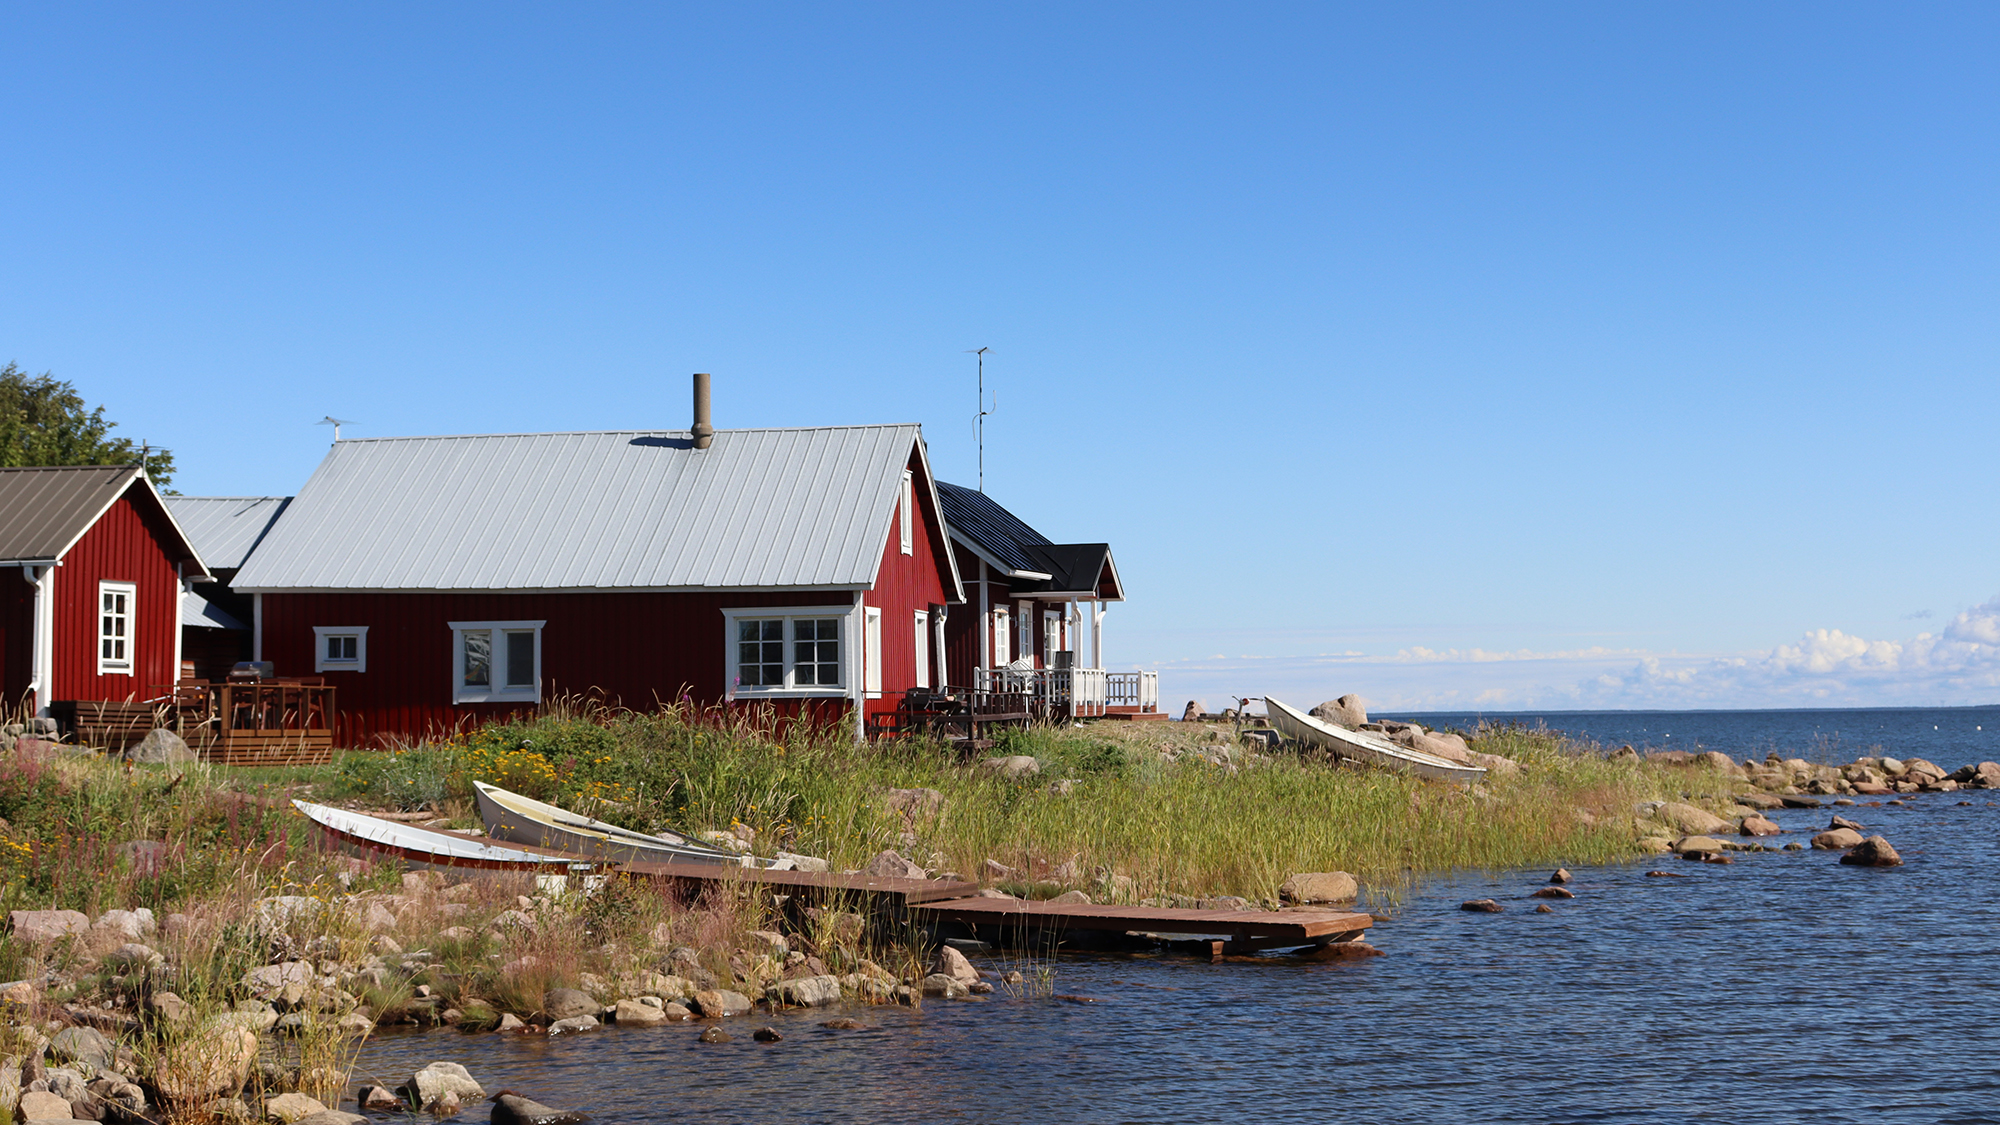 Ohtakarin kivien ja pitkän ruohon peittämä rantaviiva. Kuvan etualalla on mereen työntyvä puinen laituri sekä sen viereen maalle nostetut kaksi venettä. Taustalla näkyy punaisia, harjakattoisia rakennuksia sekä sininen, lähes pilvetön taivas. Kuvan oikeassa reunassa on tummansininen meri.